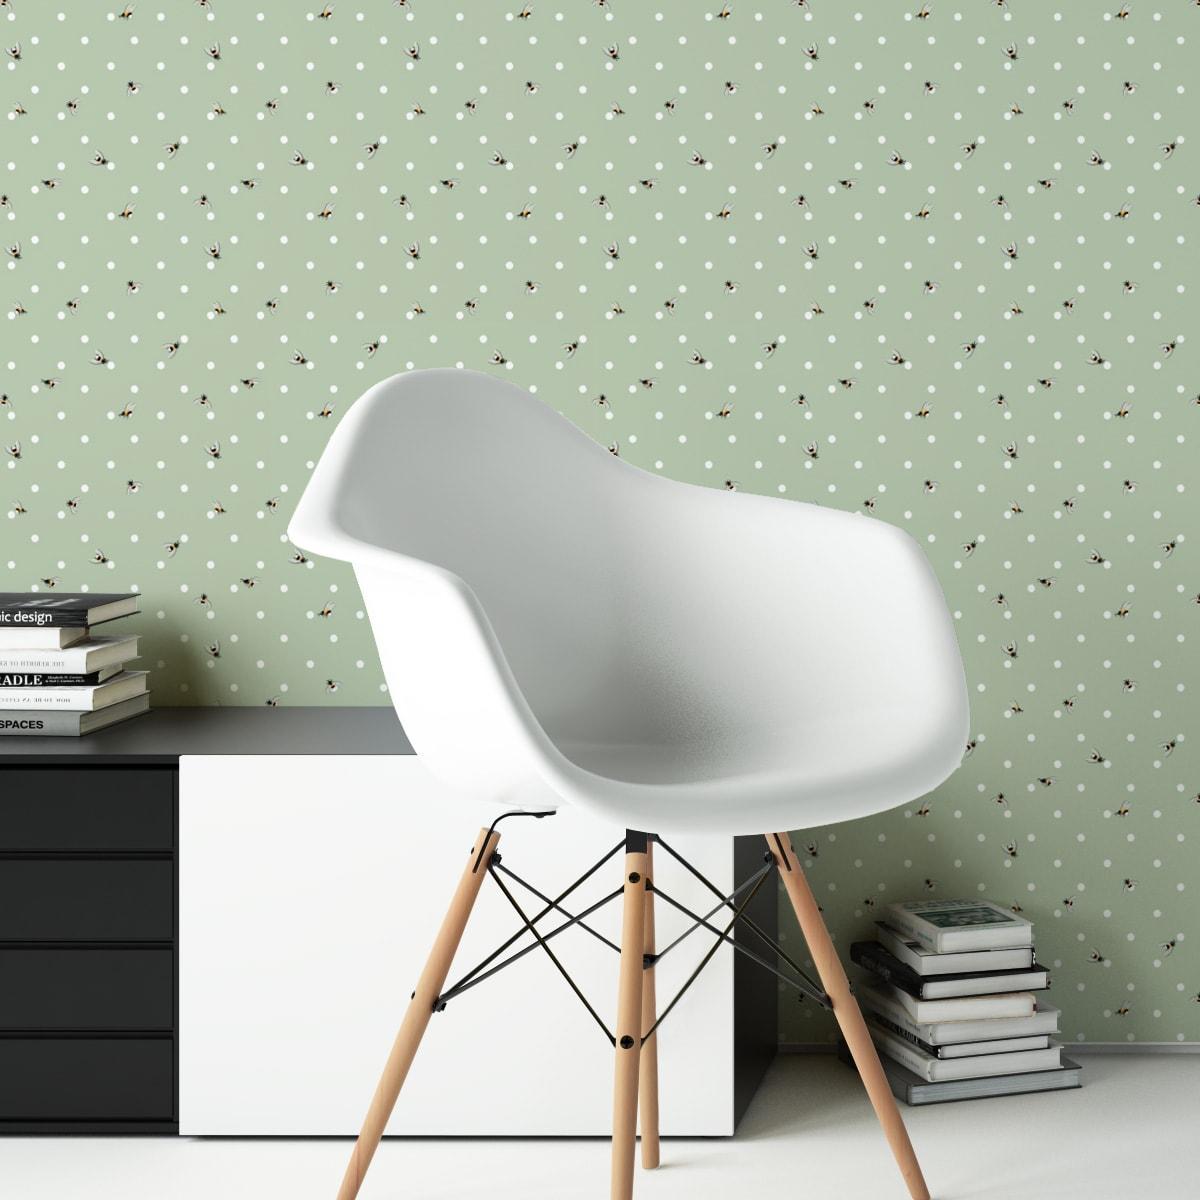 """Küchentapete grün: Grüne Tapete """"Polka Bee"""" mit Bienen & Punkten, Vlies Tapete Grafik Tiere, schöne Wandtapete für Küche"""